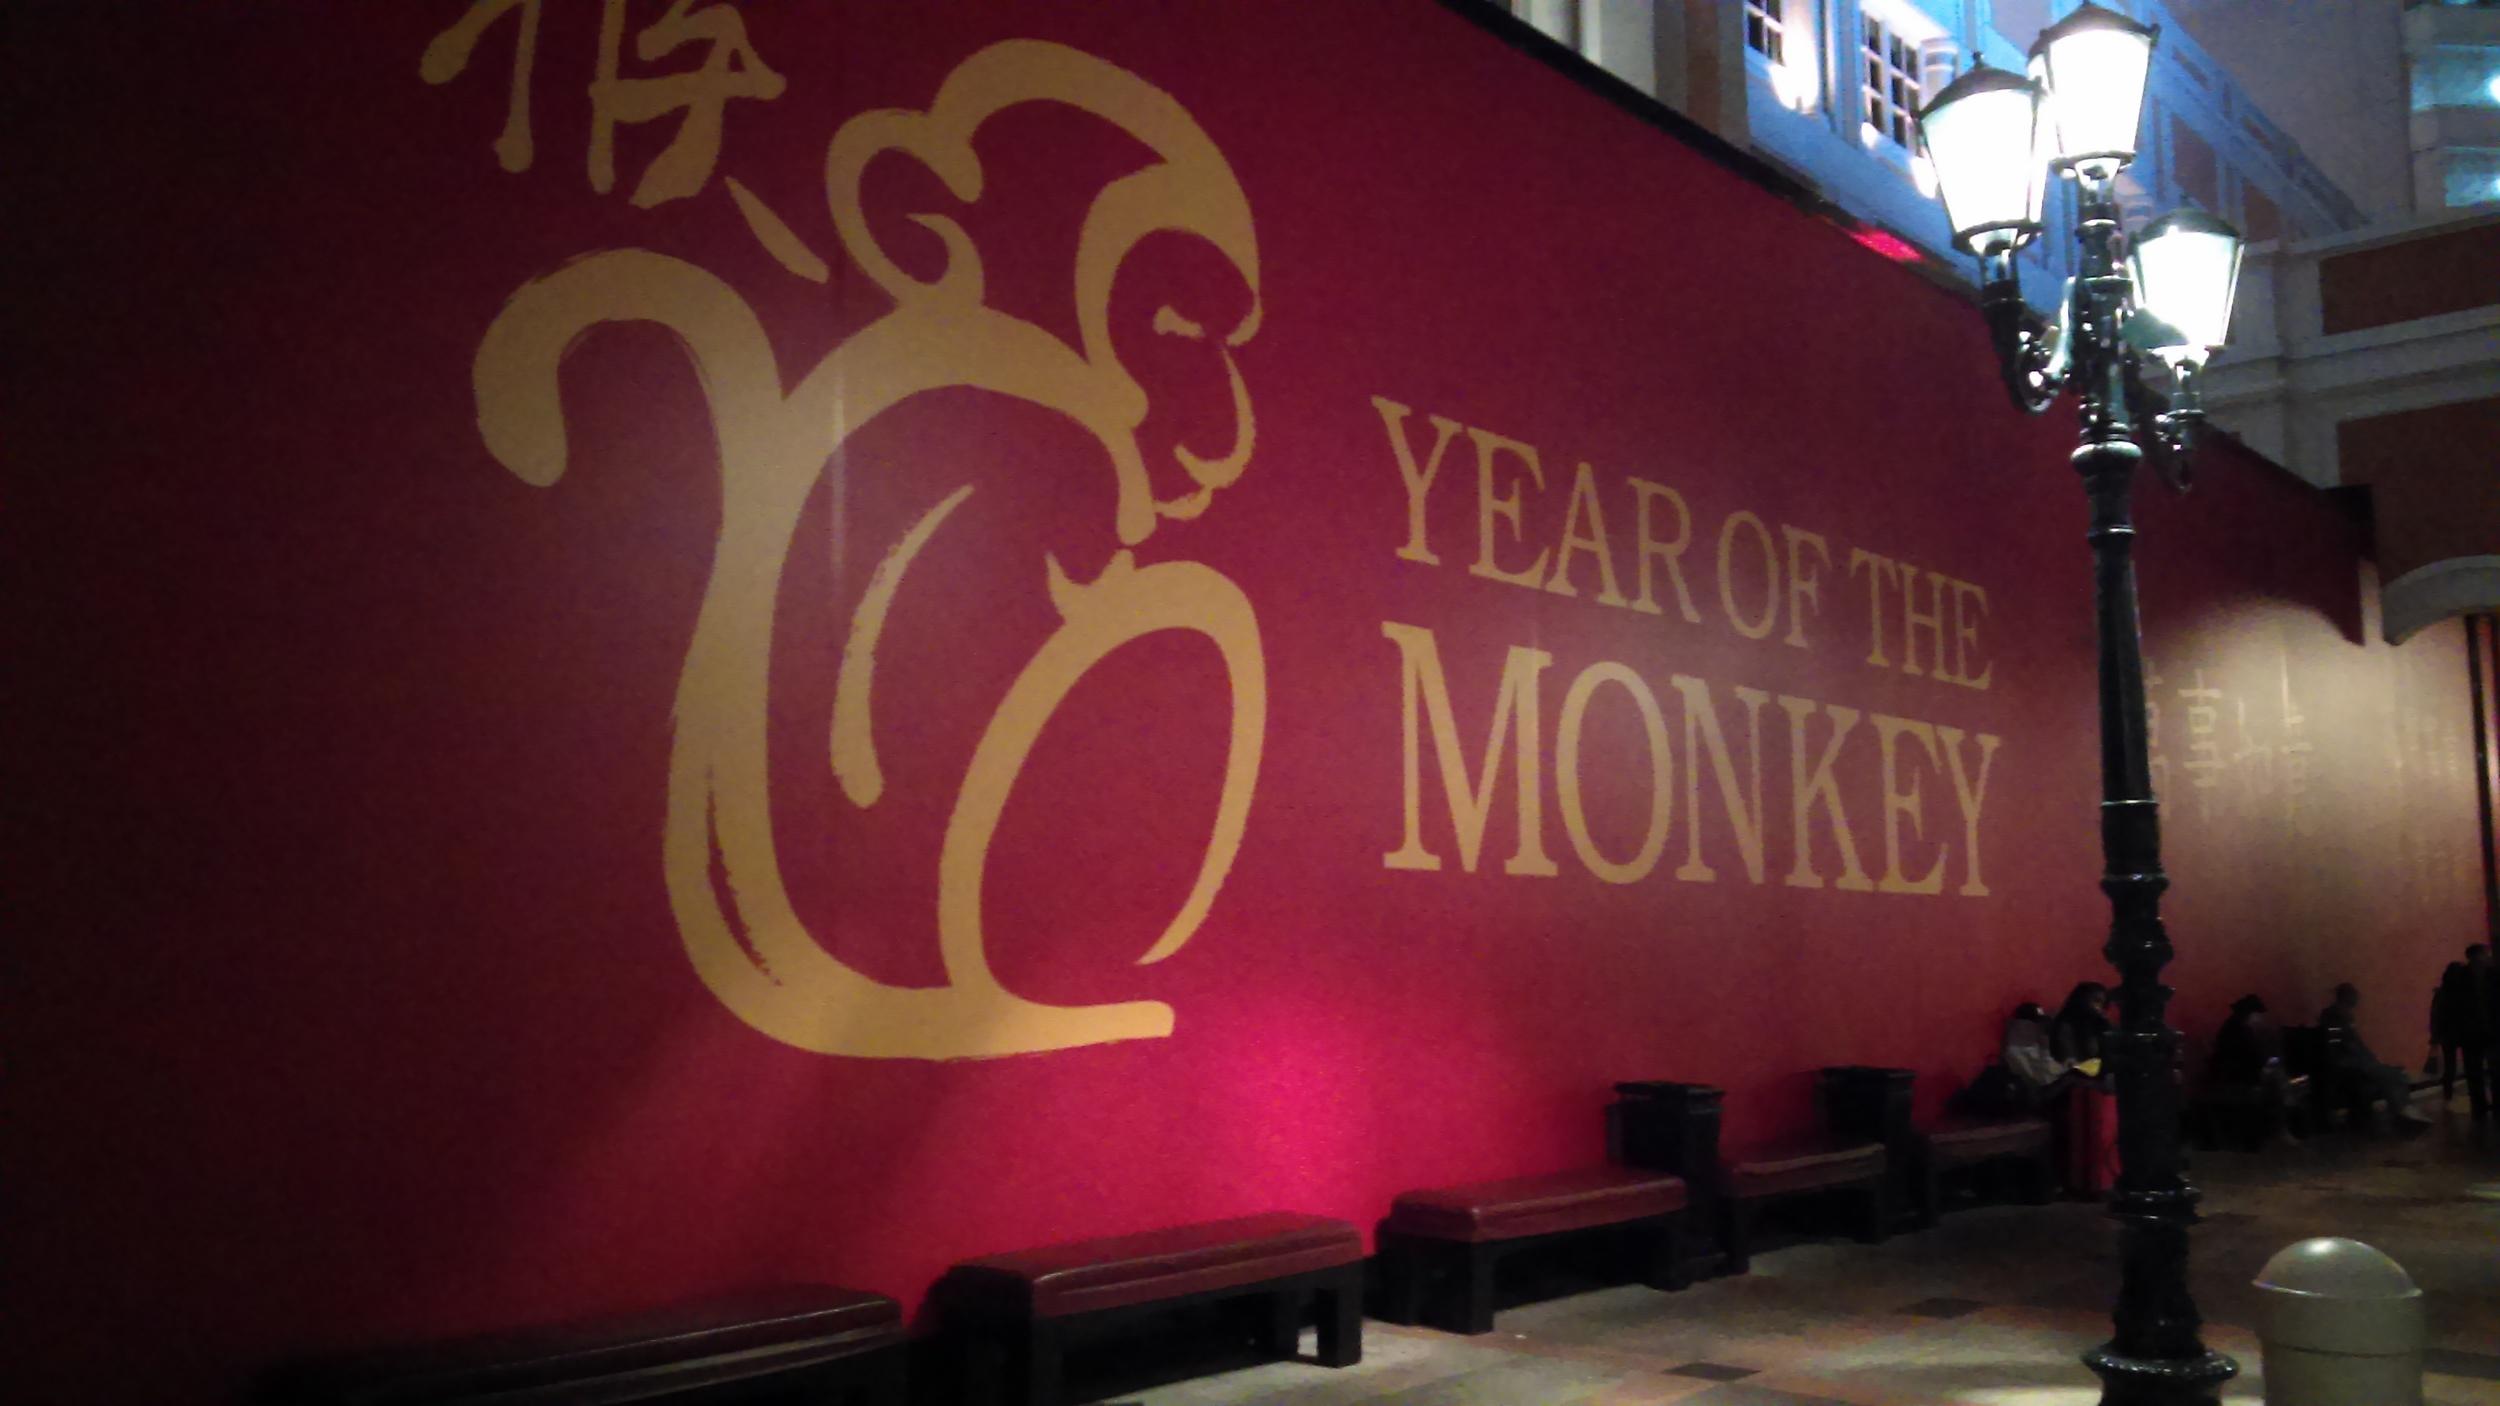 Monkey-Chinese-Vegas-Stevko.jpg